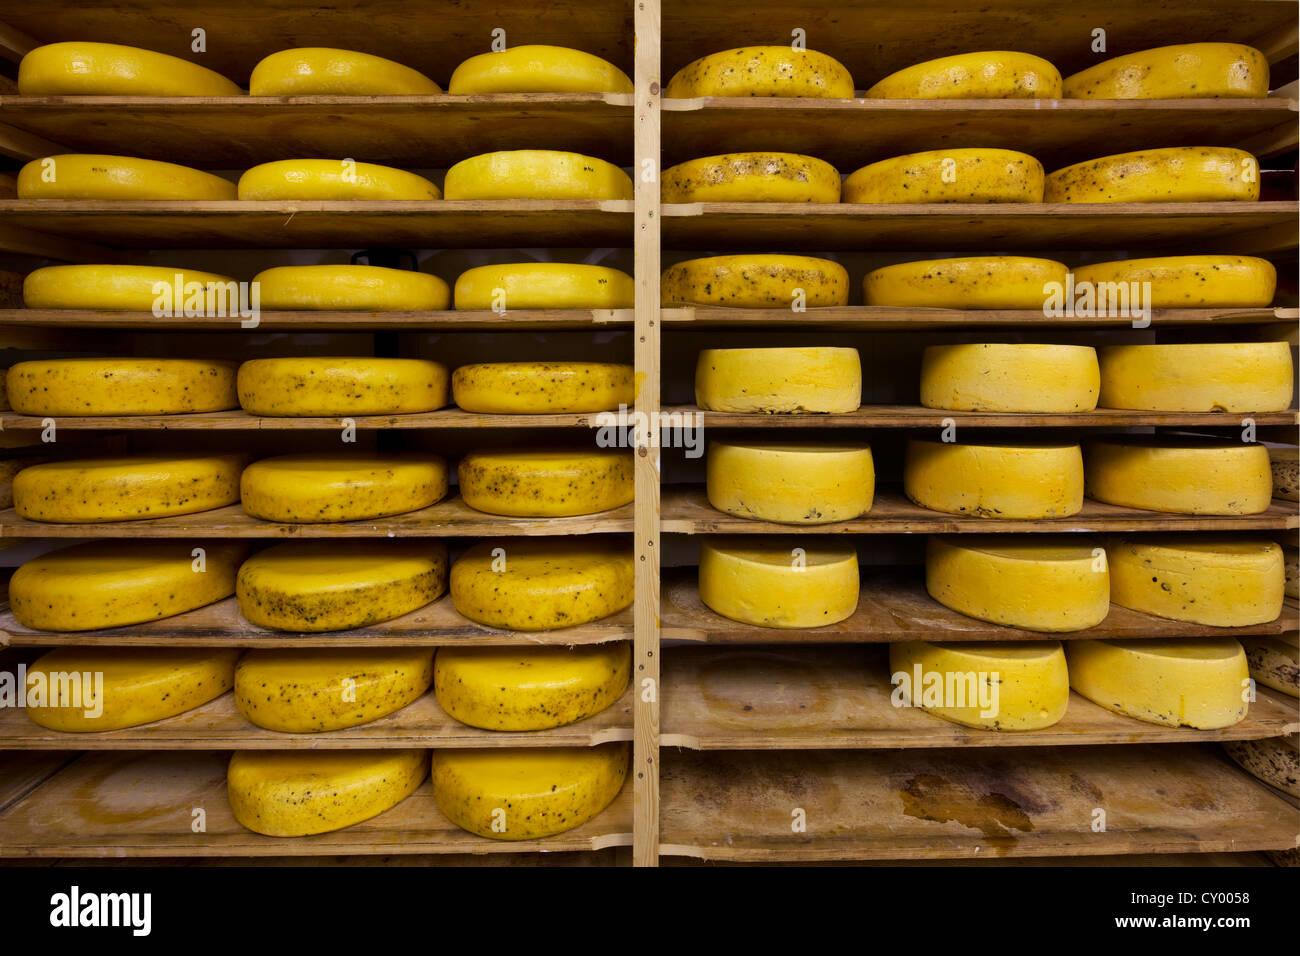 Rueda artesanal de quesos regionales el envejecimiento en los estantes en la quesería, Bélgica Imagen De Stock